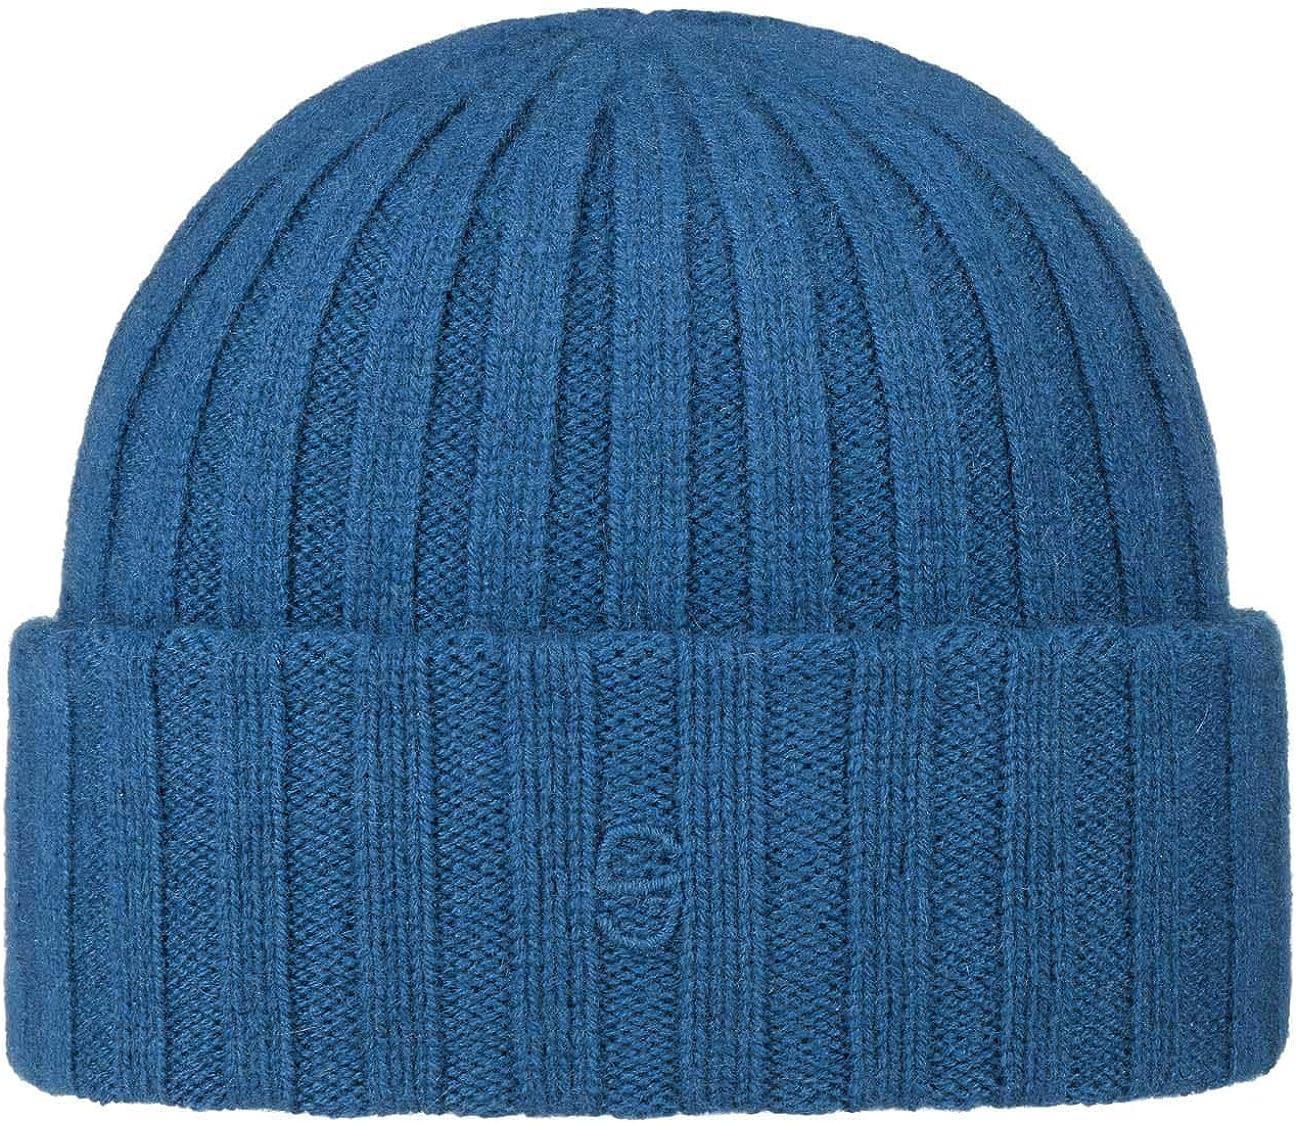 Stetson Surth Cashmere Knit Hat Women/Men -